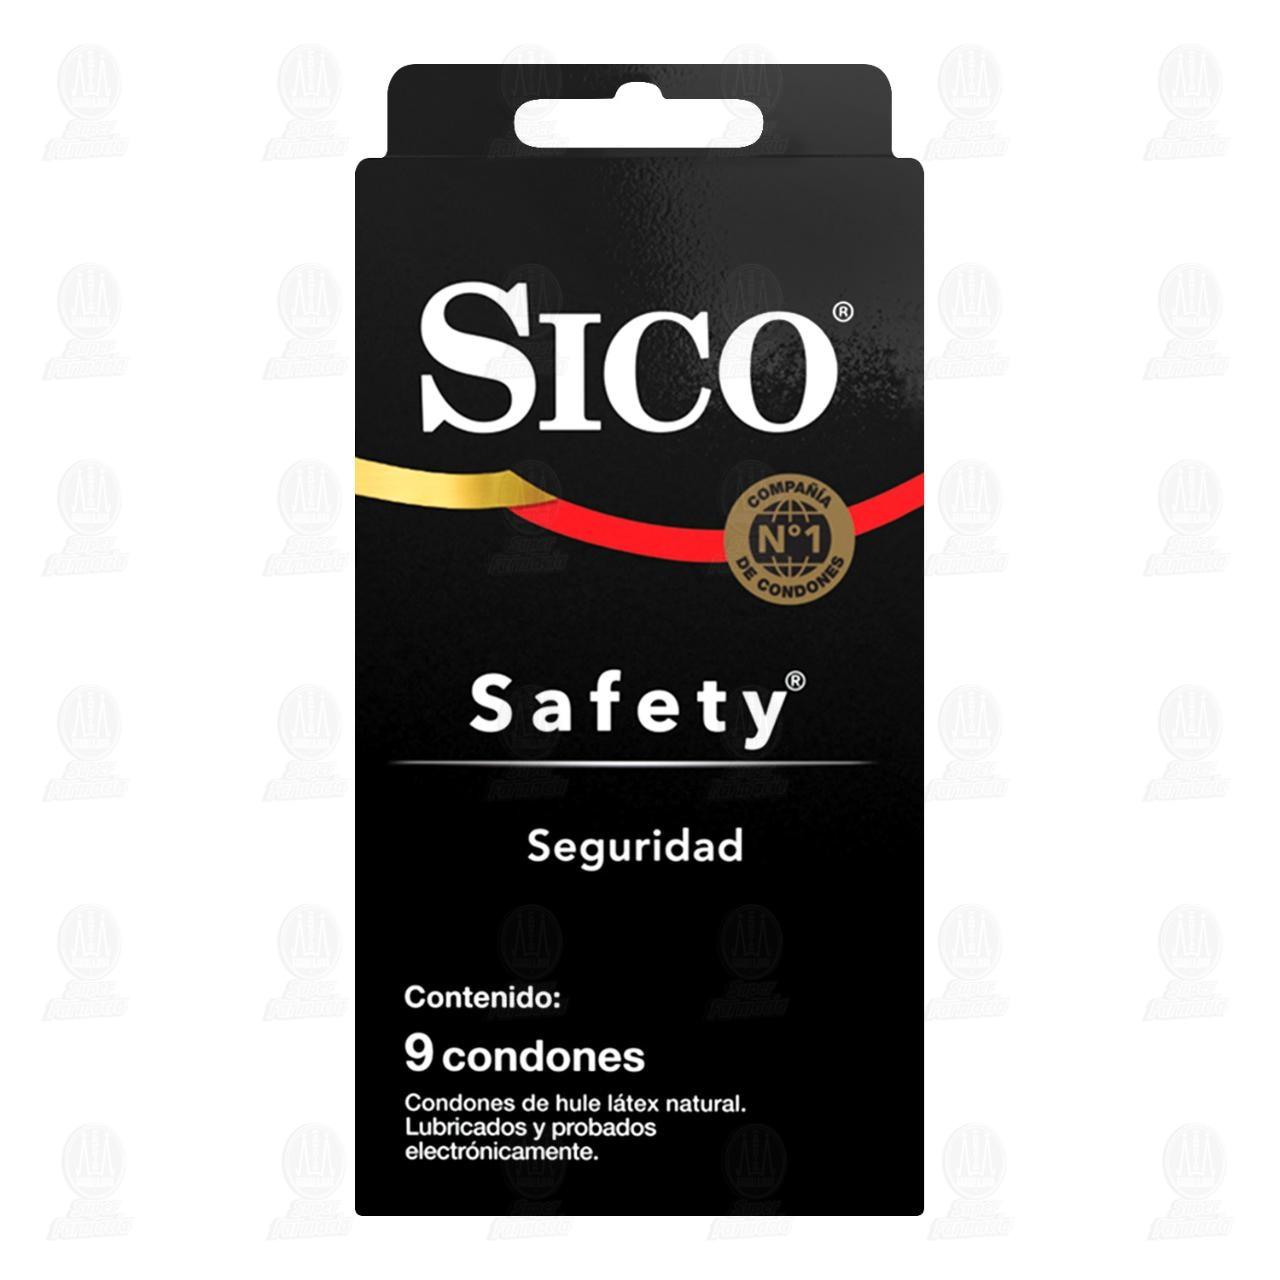 Comprar Sico Safety Cartera con 9 Condones de Látex en Farmacias Guadalajara